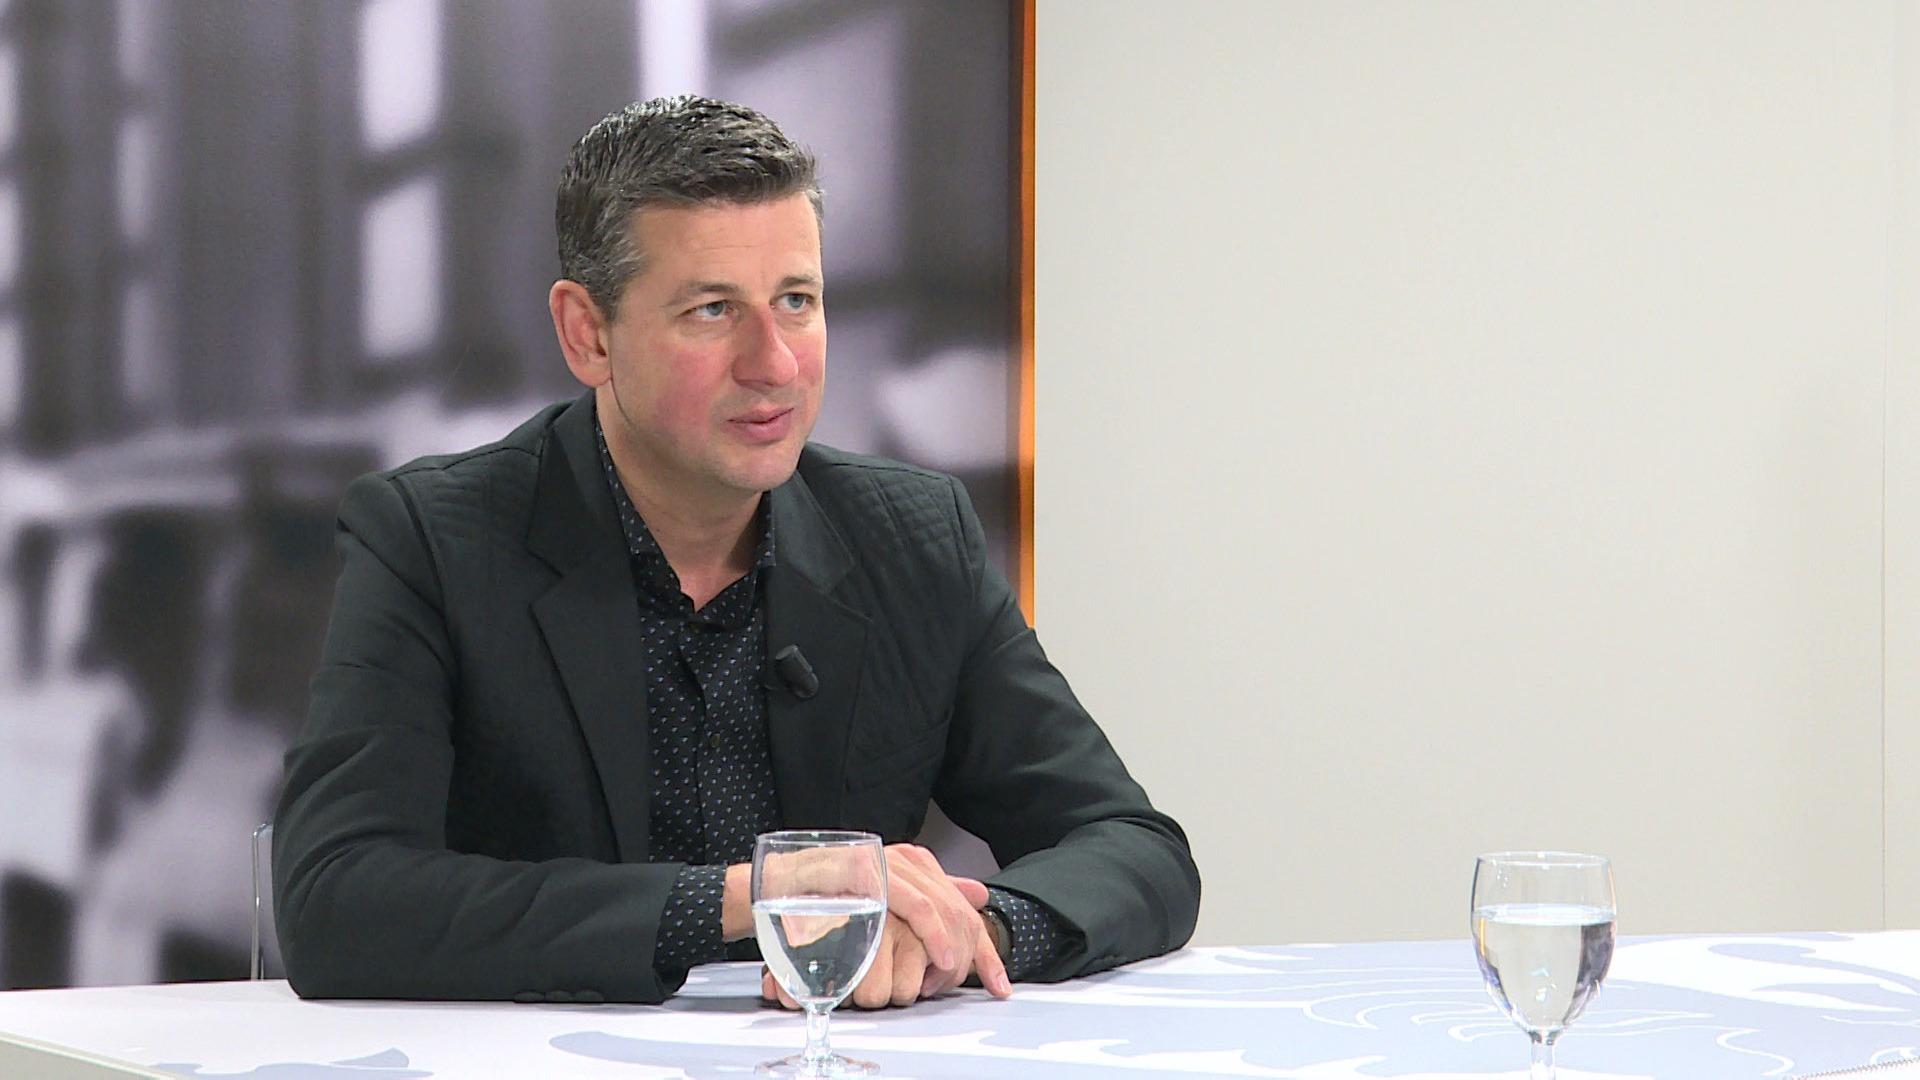 Studio Vlaams Parlement: Chris Janssens over werkloosheidsuitkering na 1 dag werken